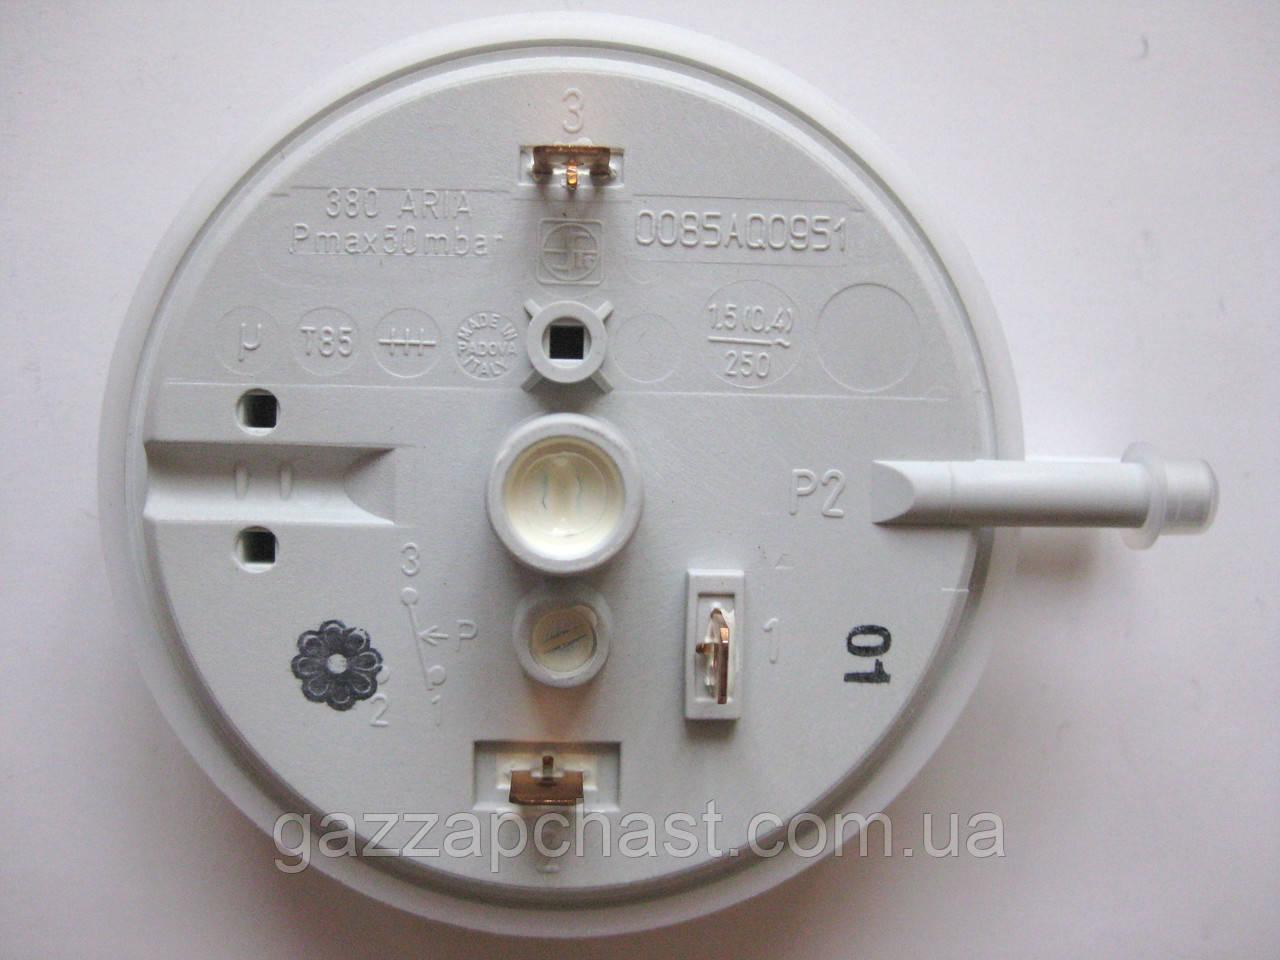 Датчик вентилятора універсальний Sit 100/80 Pa (0.380.029)